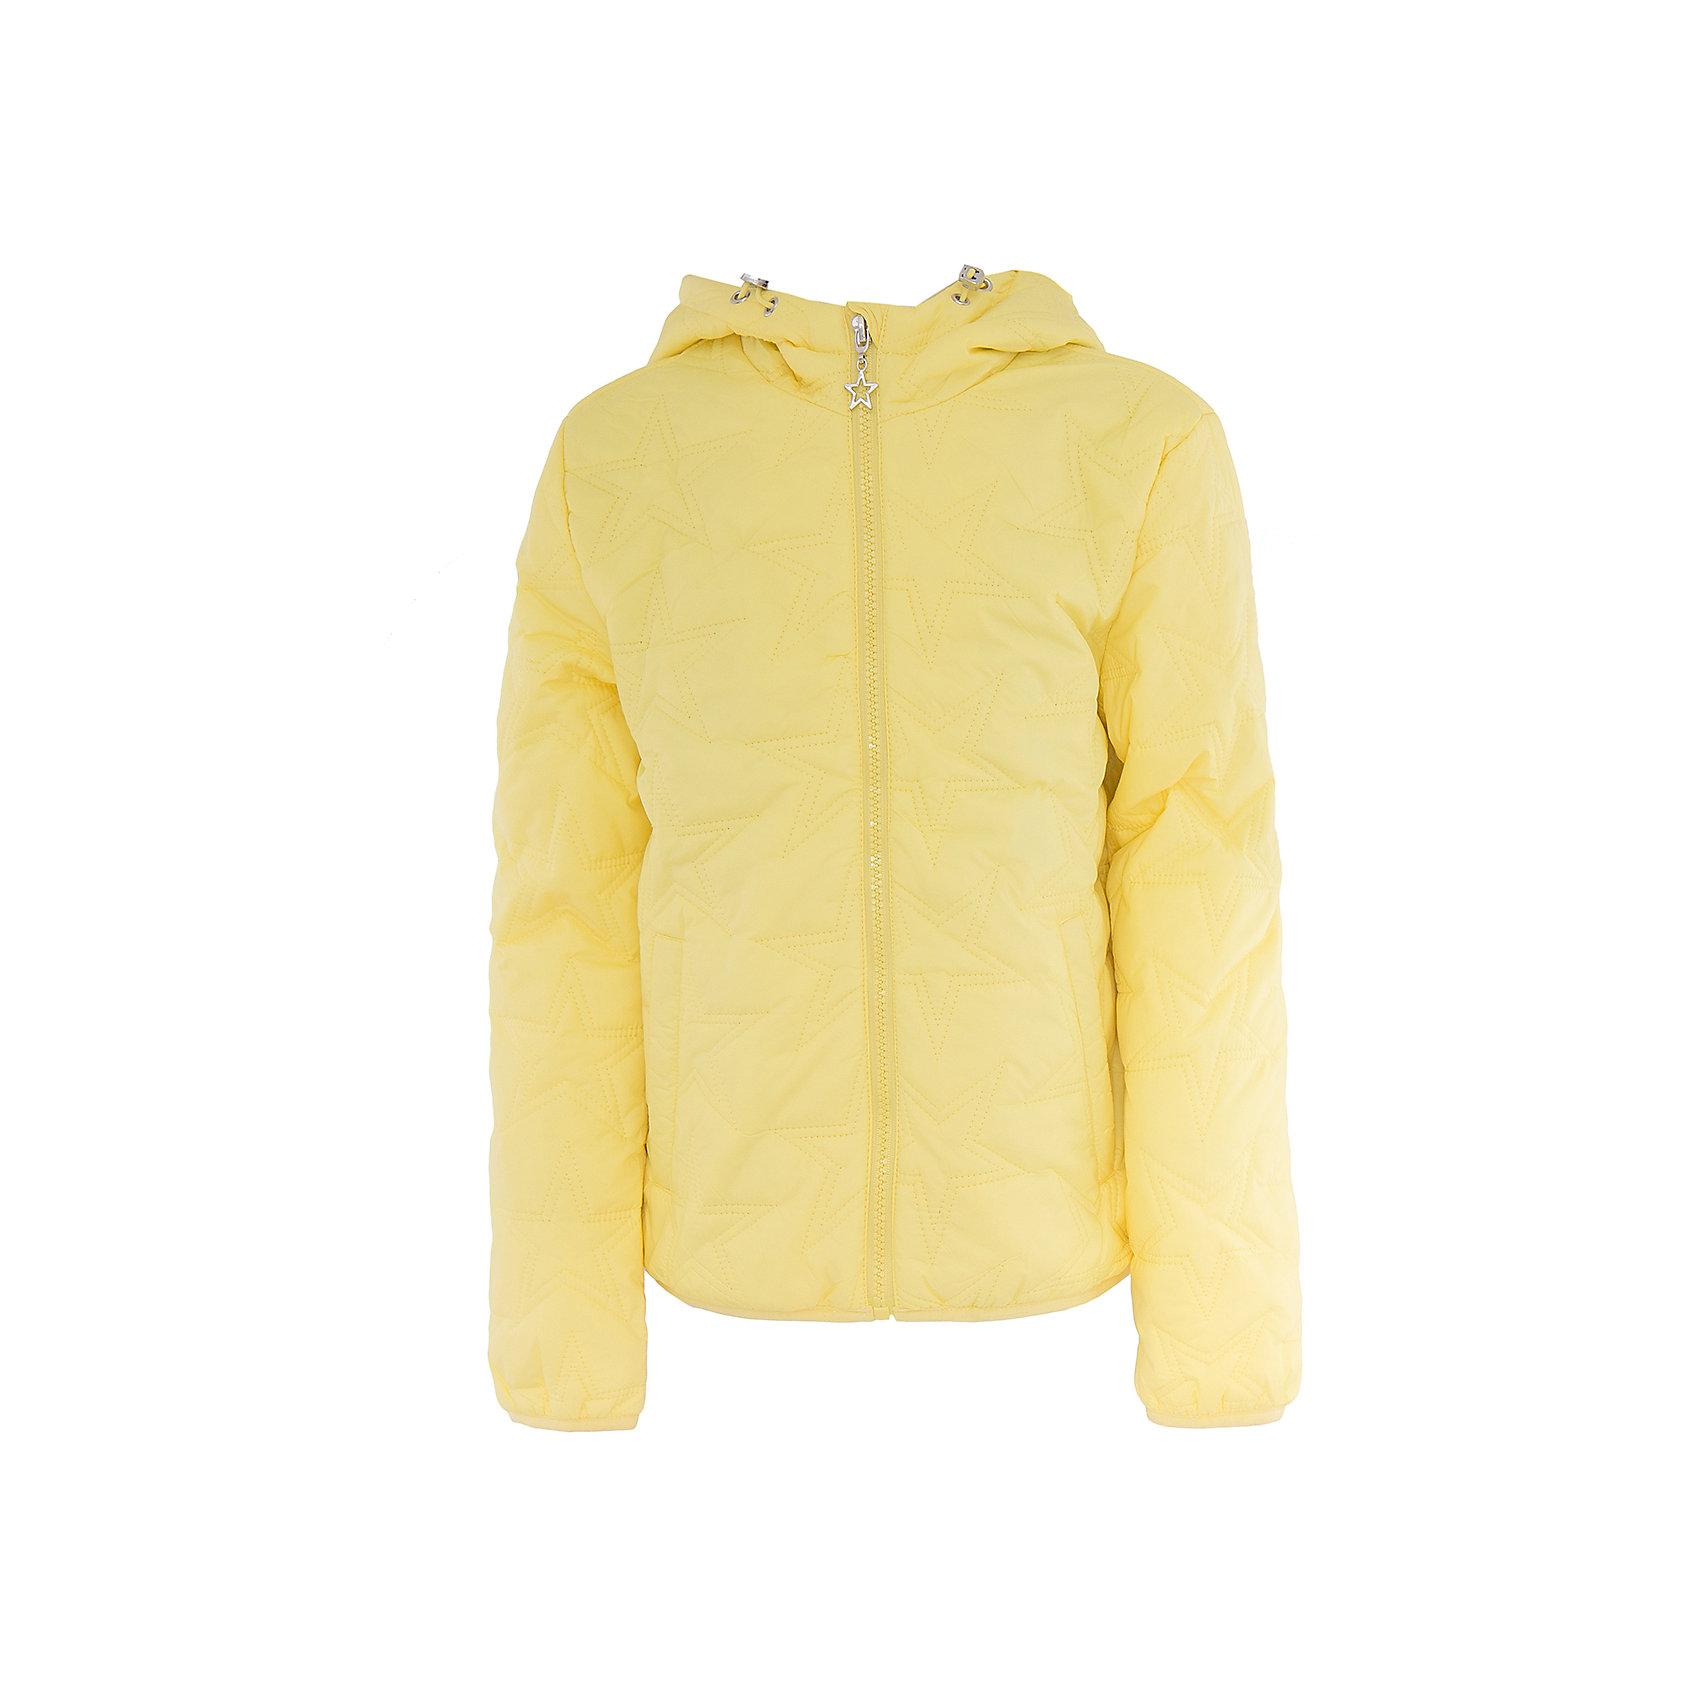 Куртка для девочки SELAВерхняя одежда<br>Характеристики товара:<br><br>• цвет: желтый<br>• состав: 100% нейлон; утеплитель: 100% ПЭ; подкладка: 100% хлопок; подкладка рукава: 100% ПЭ<br>• температурный режим: от +5°до +15°С<br>• демисезон<br>• прямой силуэт<br>• молния<br>• фактурный узор<br>• капюшон не отстёгивается<br>• капюшон дополнен эластичным шнурком со стопперами<br>• два втачных кармана на кнопках<br>• внутренний накладной карман<br>• светоотражающие элементы<br>• коллекция весна-лето 2017<br>• страна бренда: Российская Федерация<br><br>Вещи из новой коллекции SELA продолжают радовать удобством! Легкая куртка для девочки поможет разнообразить гардероб ребенка и обеспечить комфорт. Она отлично сочетается с юбками и брюками. Очень стильно смотрится!<br><br>Одежда, обувь и аксессуары от российского бренда SELA не зря пользуются большой популярностью у детей и взрослых! Модели этой марки - стильные и удобные, цена при этом неизменно остается доступной. Для их производства используются только безопасные, качественные материалы и фурнитура. Новая коллекция поддерживает хорошие традиции бренда! <br><br>Куртку для девочки от популярного бренда SELA (СЕЛА) можно купить в нашем интернет-магазине.<br><br>Ширина мм: 356<br>Глубина мм: 10<br>Высота мм: 245<br>Вес г: 519<br>Цвет: желтый<br>Возраст от месяцев: 60<br>Возраст до месяцев: 72<br>Пол: Женский<br>Возраст: Детский<br>Размер: 116,128,140,152<br>SKU: 5305168